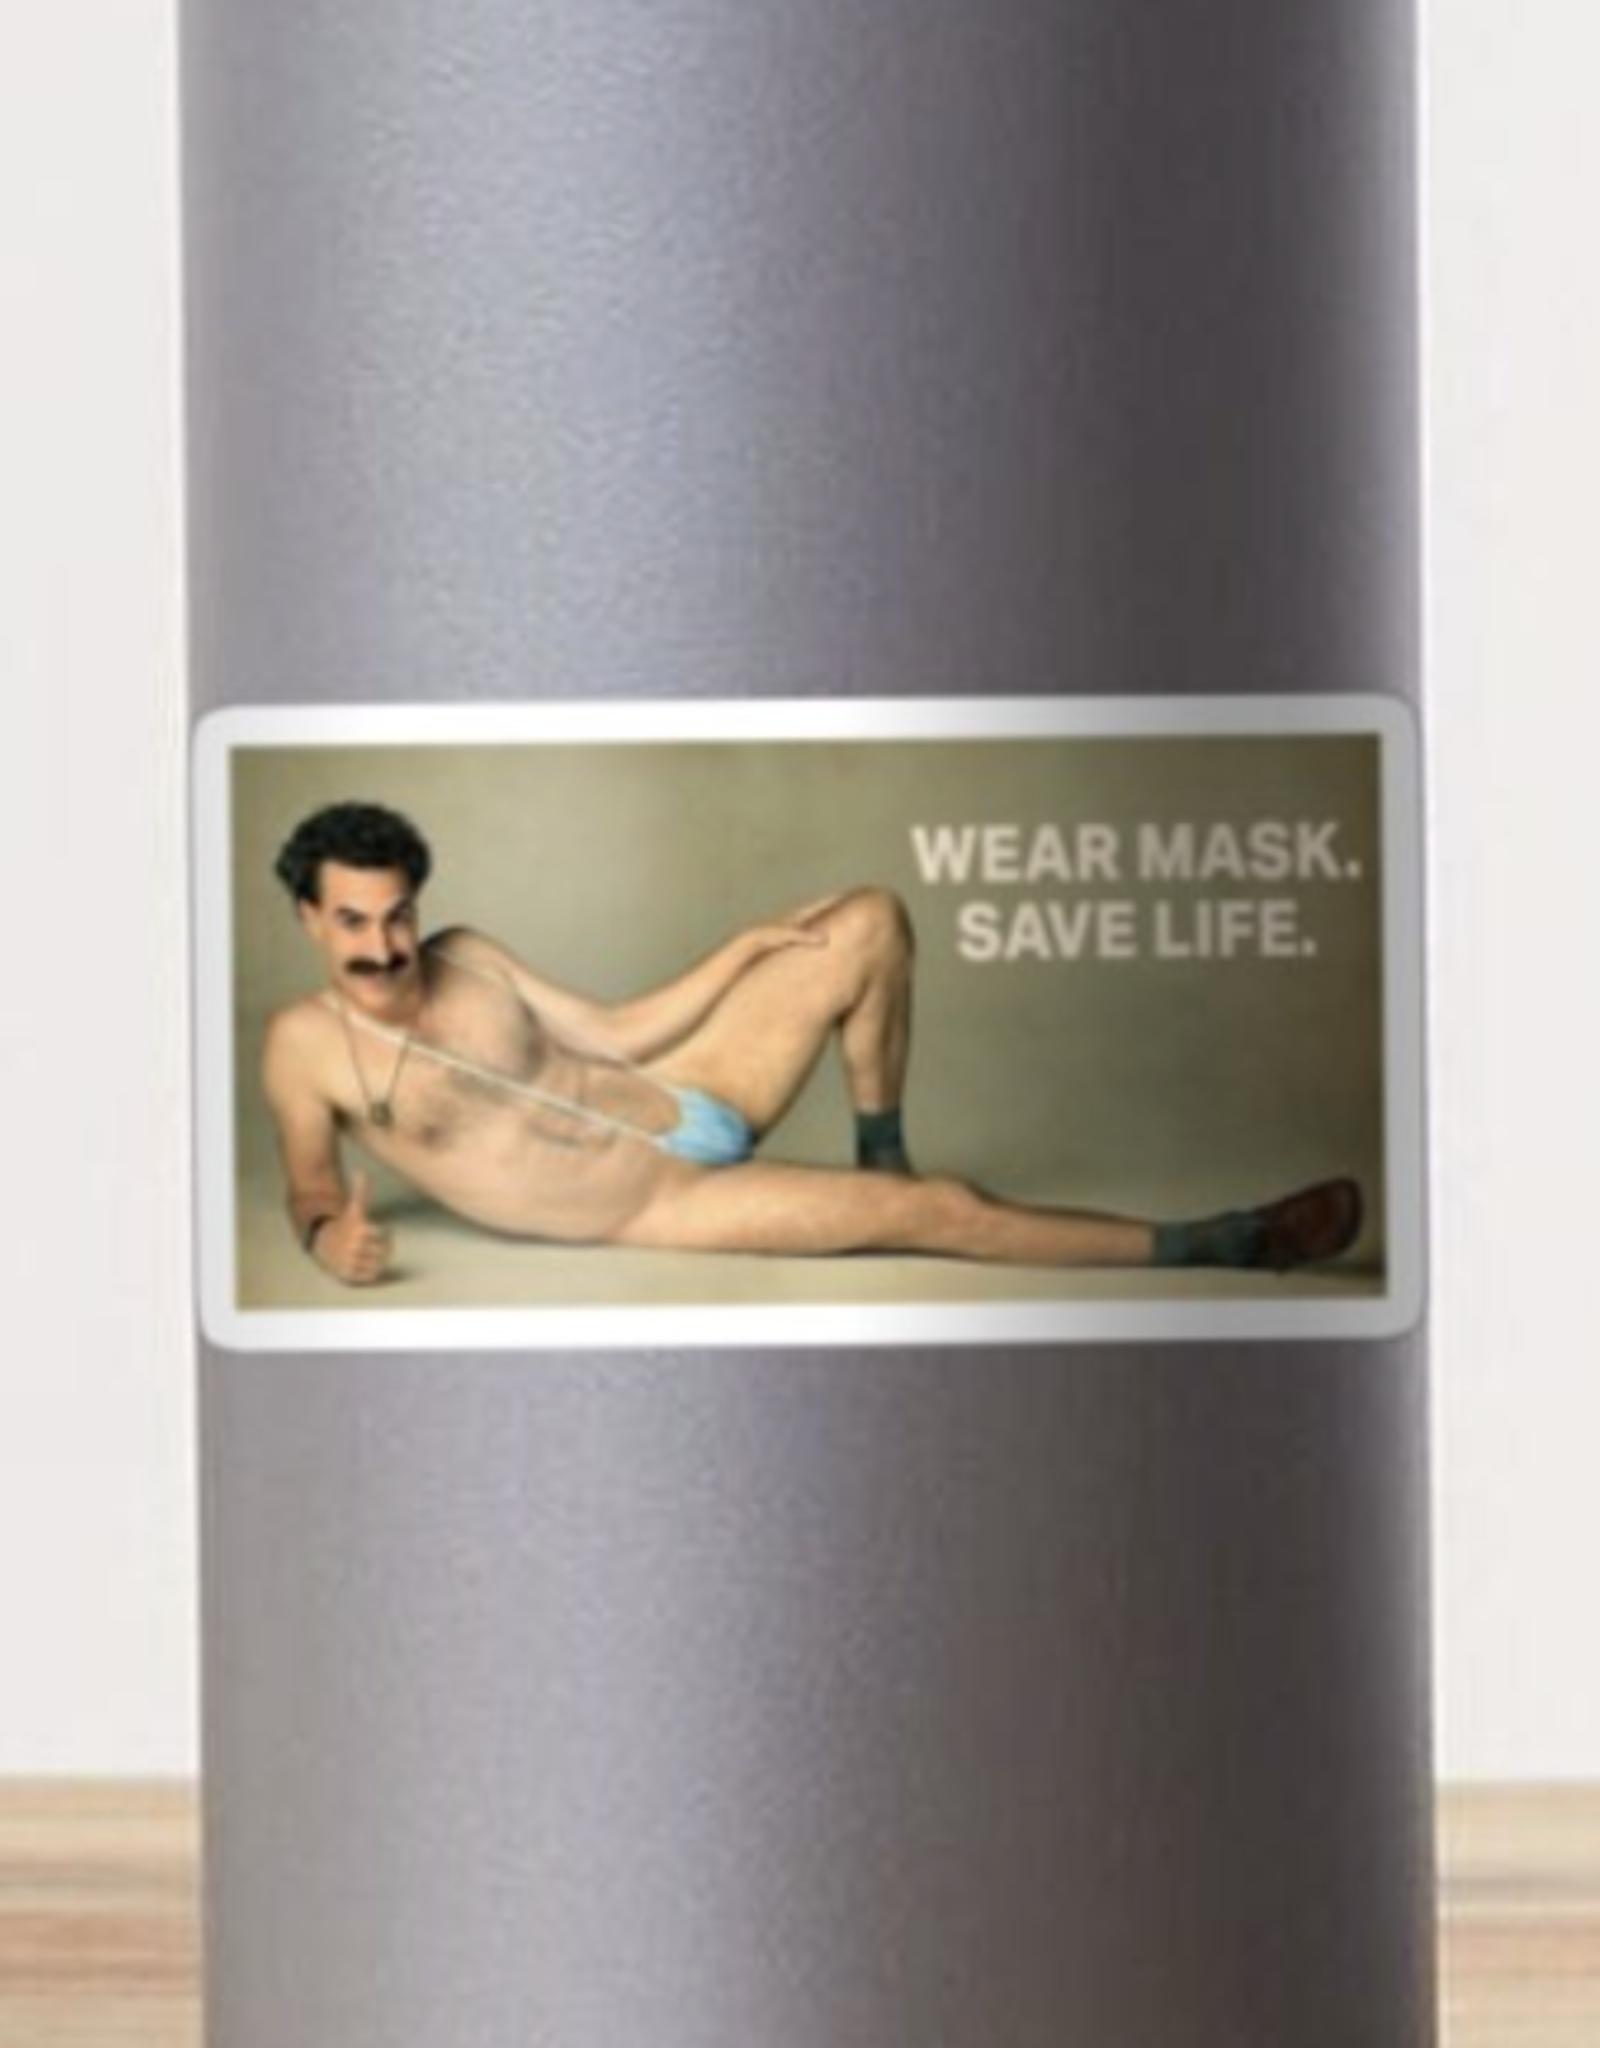 Borat Wear Mask Sticker